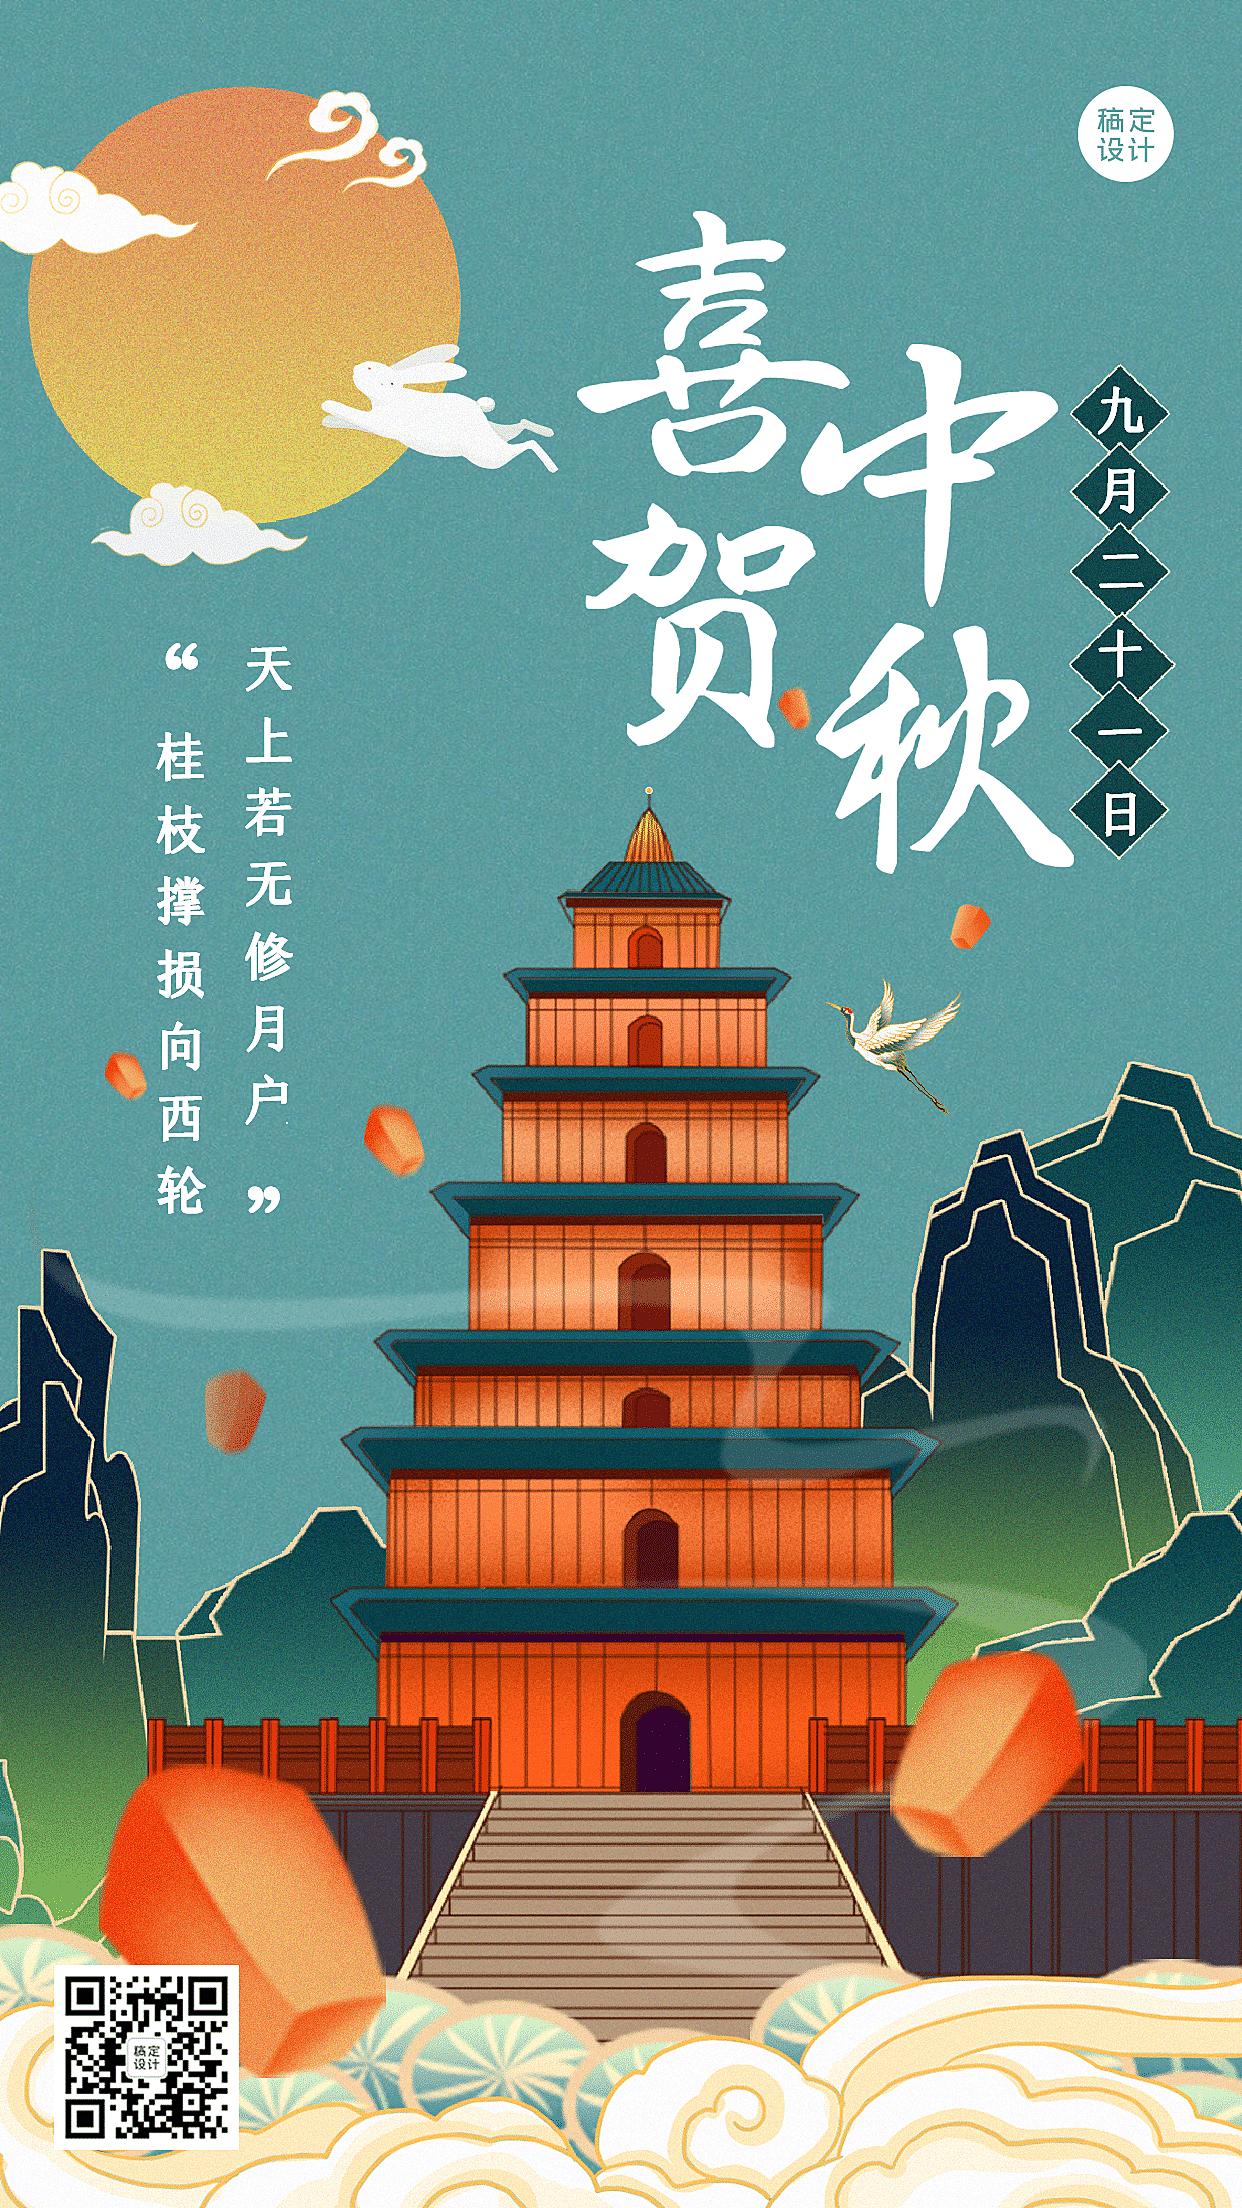 中秋节快乐祝福团圆手绘手机海报